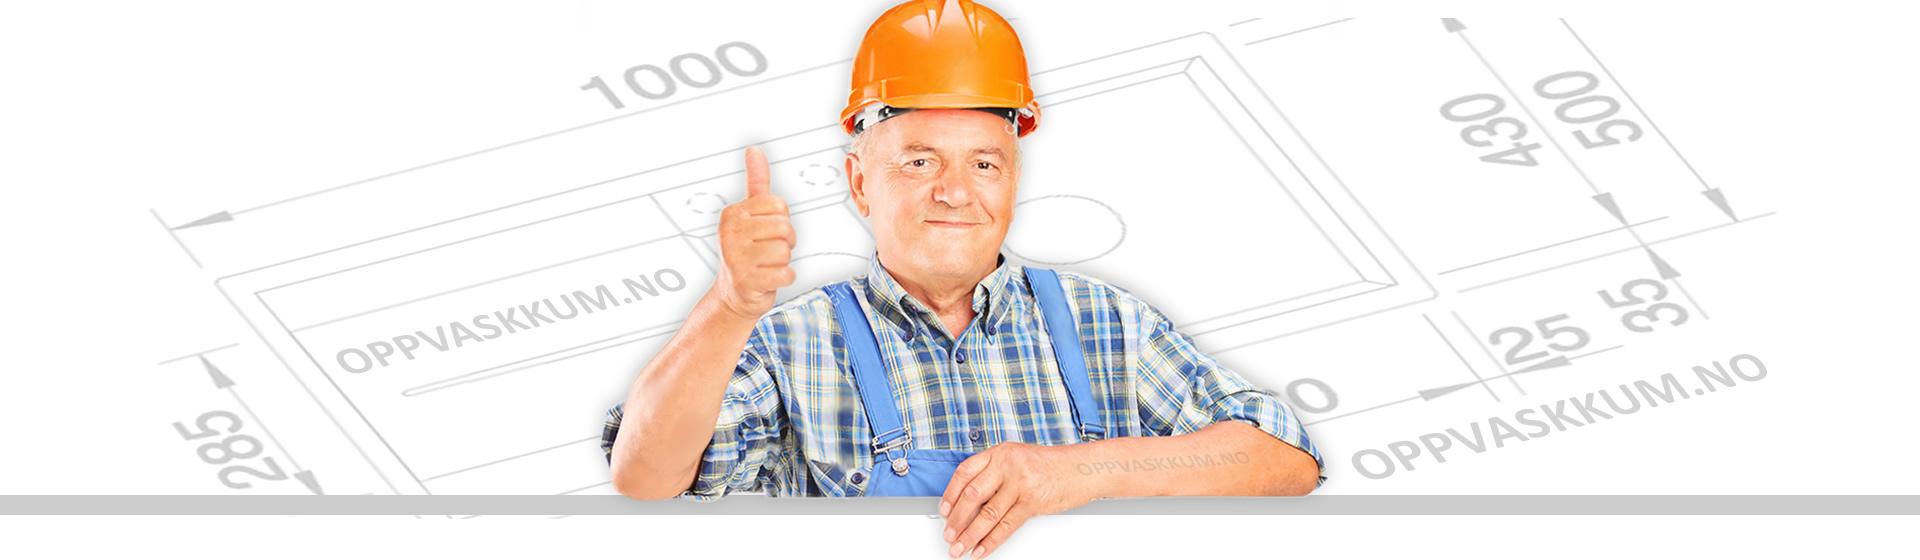 oppvaskkum montering - gratis tilbehør og utstyr